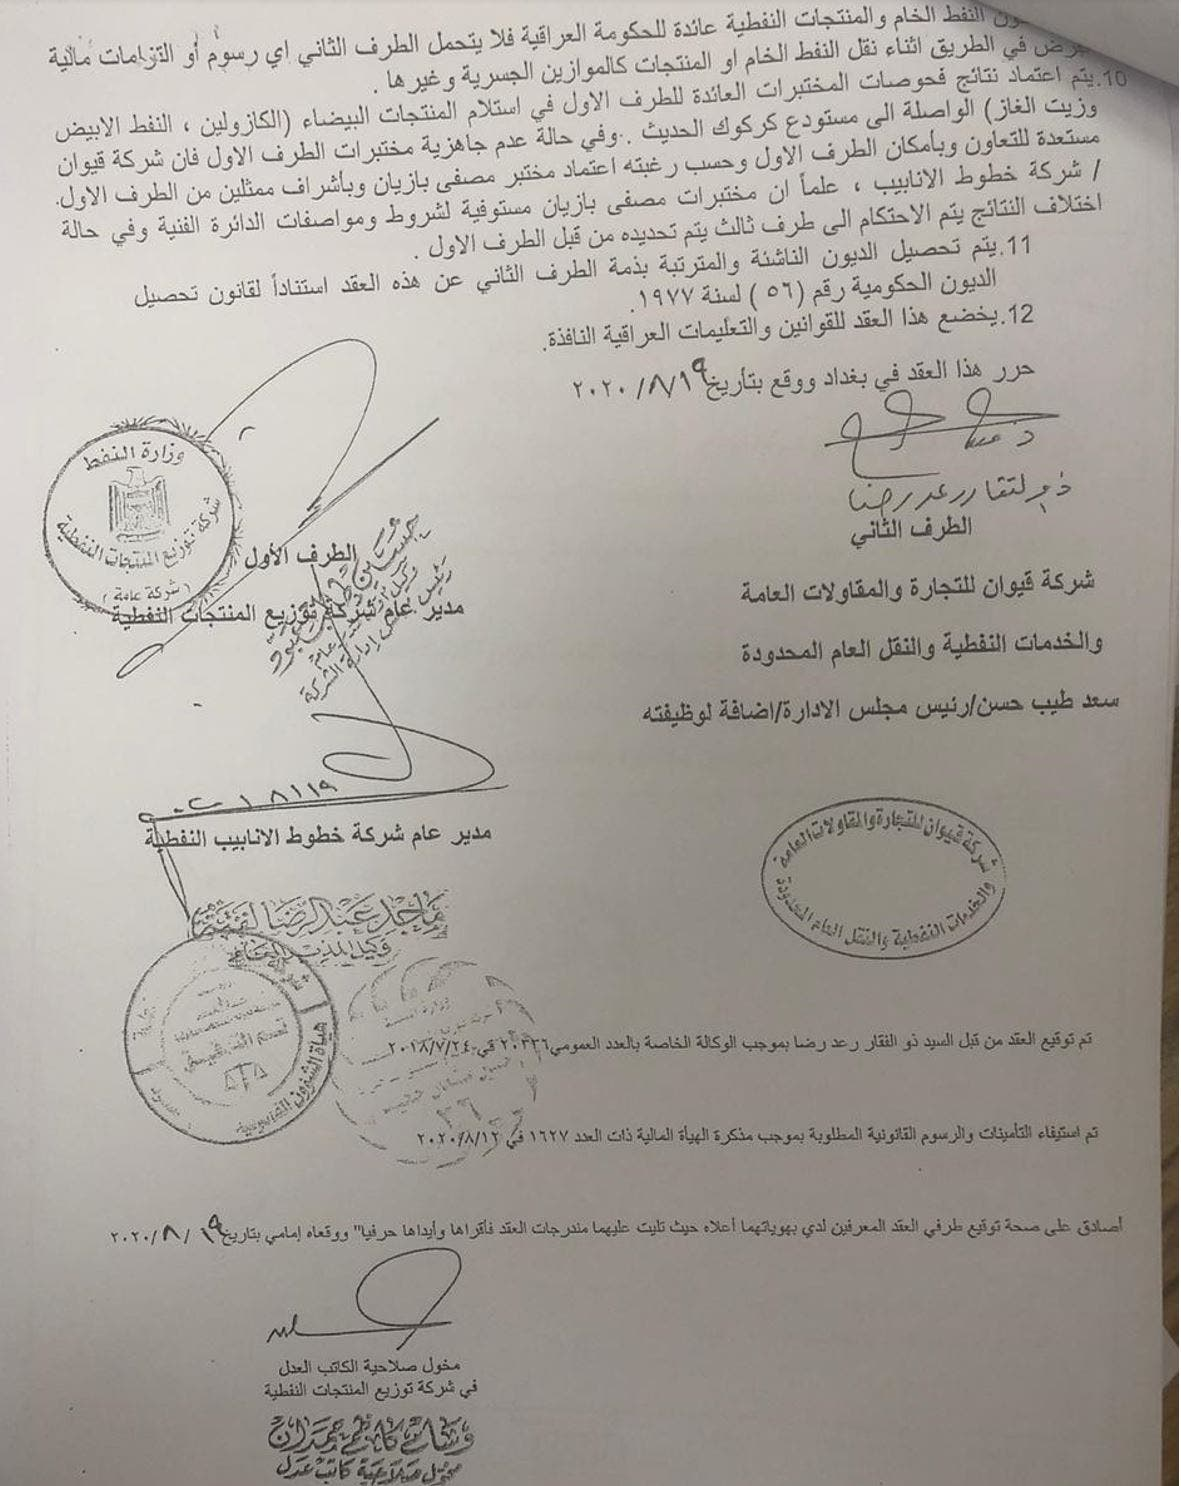 ليطلع العراقيون الاباة على ثروته التي نهبت على ايدي الشبك بعد ان كان النفط مؤمم بالكامل والسؤال من سرب الوثائق؟